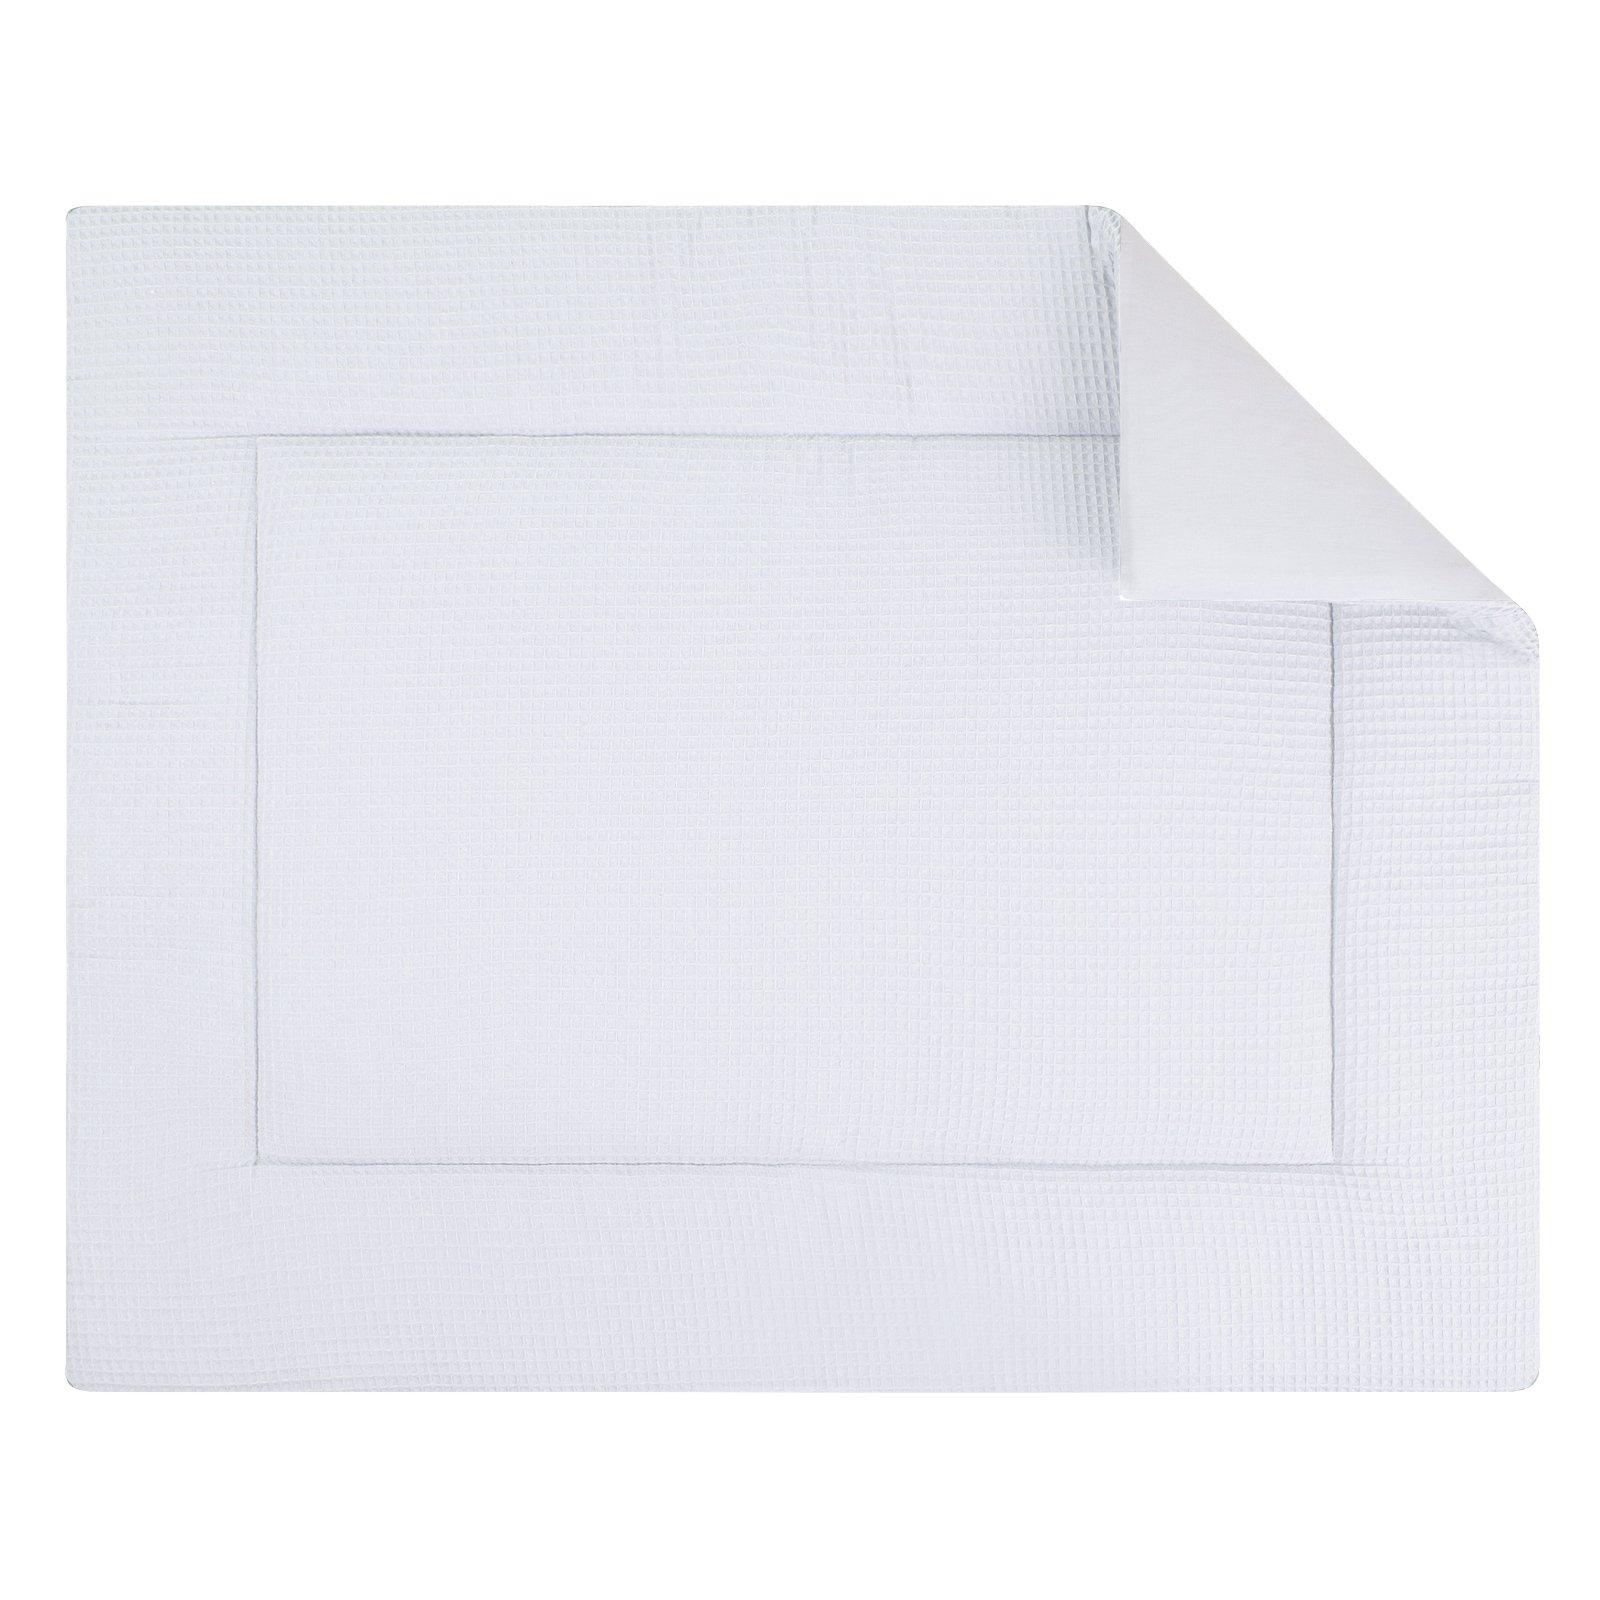 Boxkleed Pique wafel wit. Mooi speelkleed van zacht wafelkatoen in wit. Standaard in de maat 80x100 cm. Ook andere maten mogelijk.